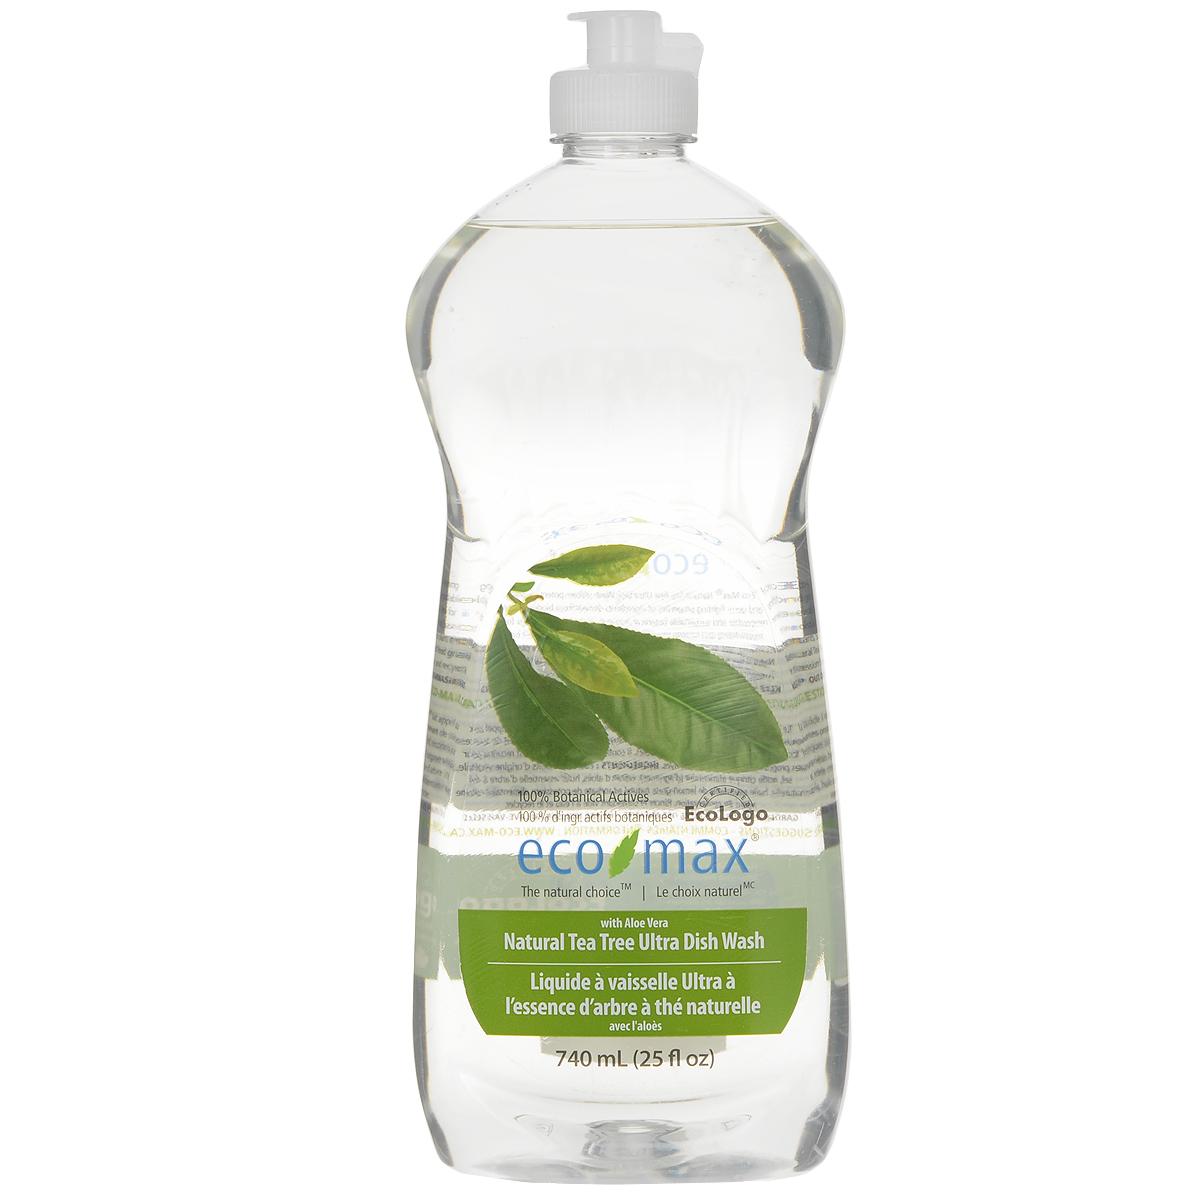 Средство для мытья посуды Eco Max Чайное дерево, 740 мл790009Средство для мытья посуды Eco Max - натуральное средство на 100% растительной основе, полностью биоразлагаемое. В этом средстве используются активные чистящие вещества ингредиентов, полученных из биоразлагаемых и возобновляемых растительных источников. Содержит алоэ вера, обладающее увлажняющими и заживляющими свойствами. Натуральное эфирное масло придает посуде свежий аромат. Состав: вода, ПАВ растительного происхождения, растительный экстракт алоэ вера, соль, пищевой сорбат калия в качестве консерванта, пищевая лимонная кислота (из плодов лимона), натуральное эфирное масло чайного дерева, натуральное эфирное масло лемонграсса. Товар сертифицирован.